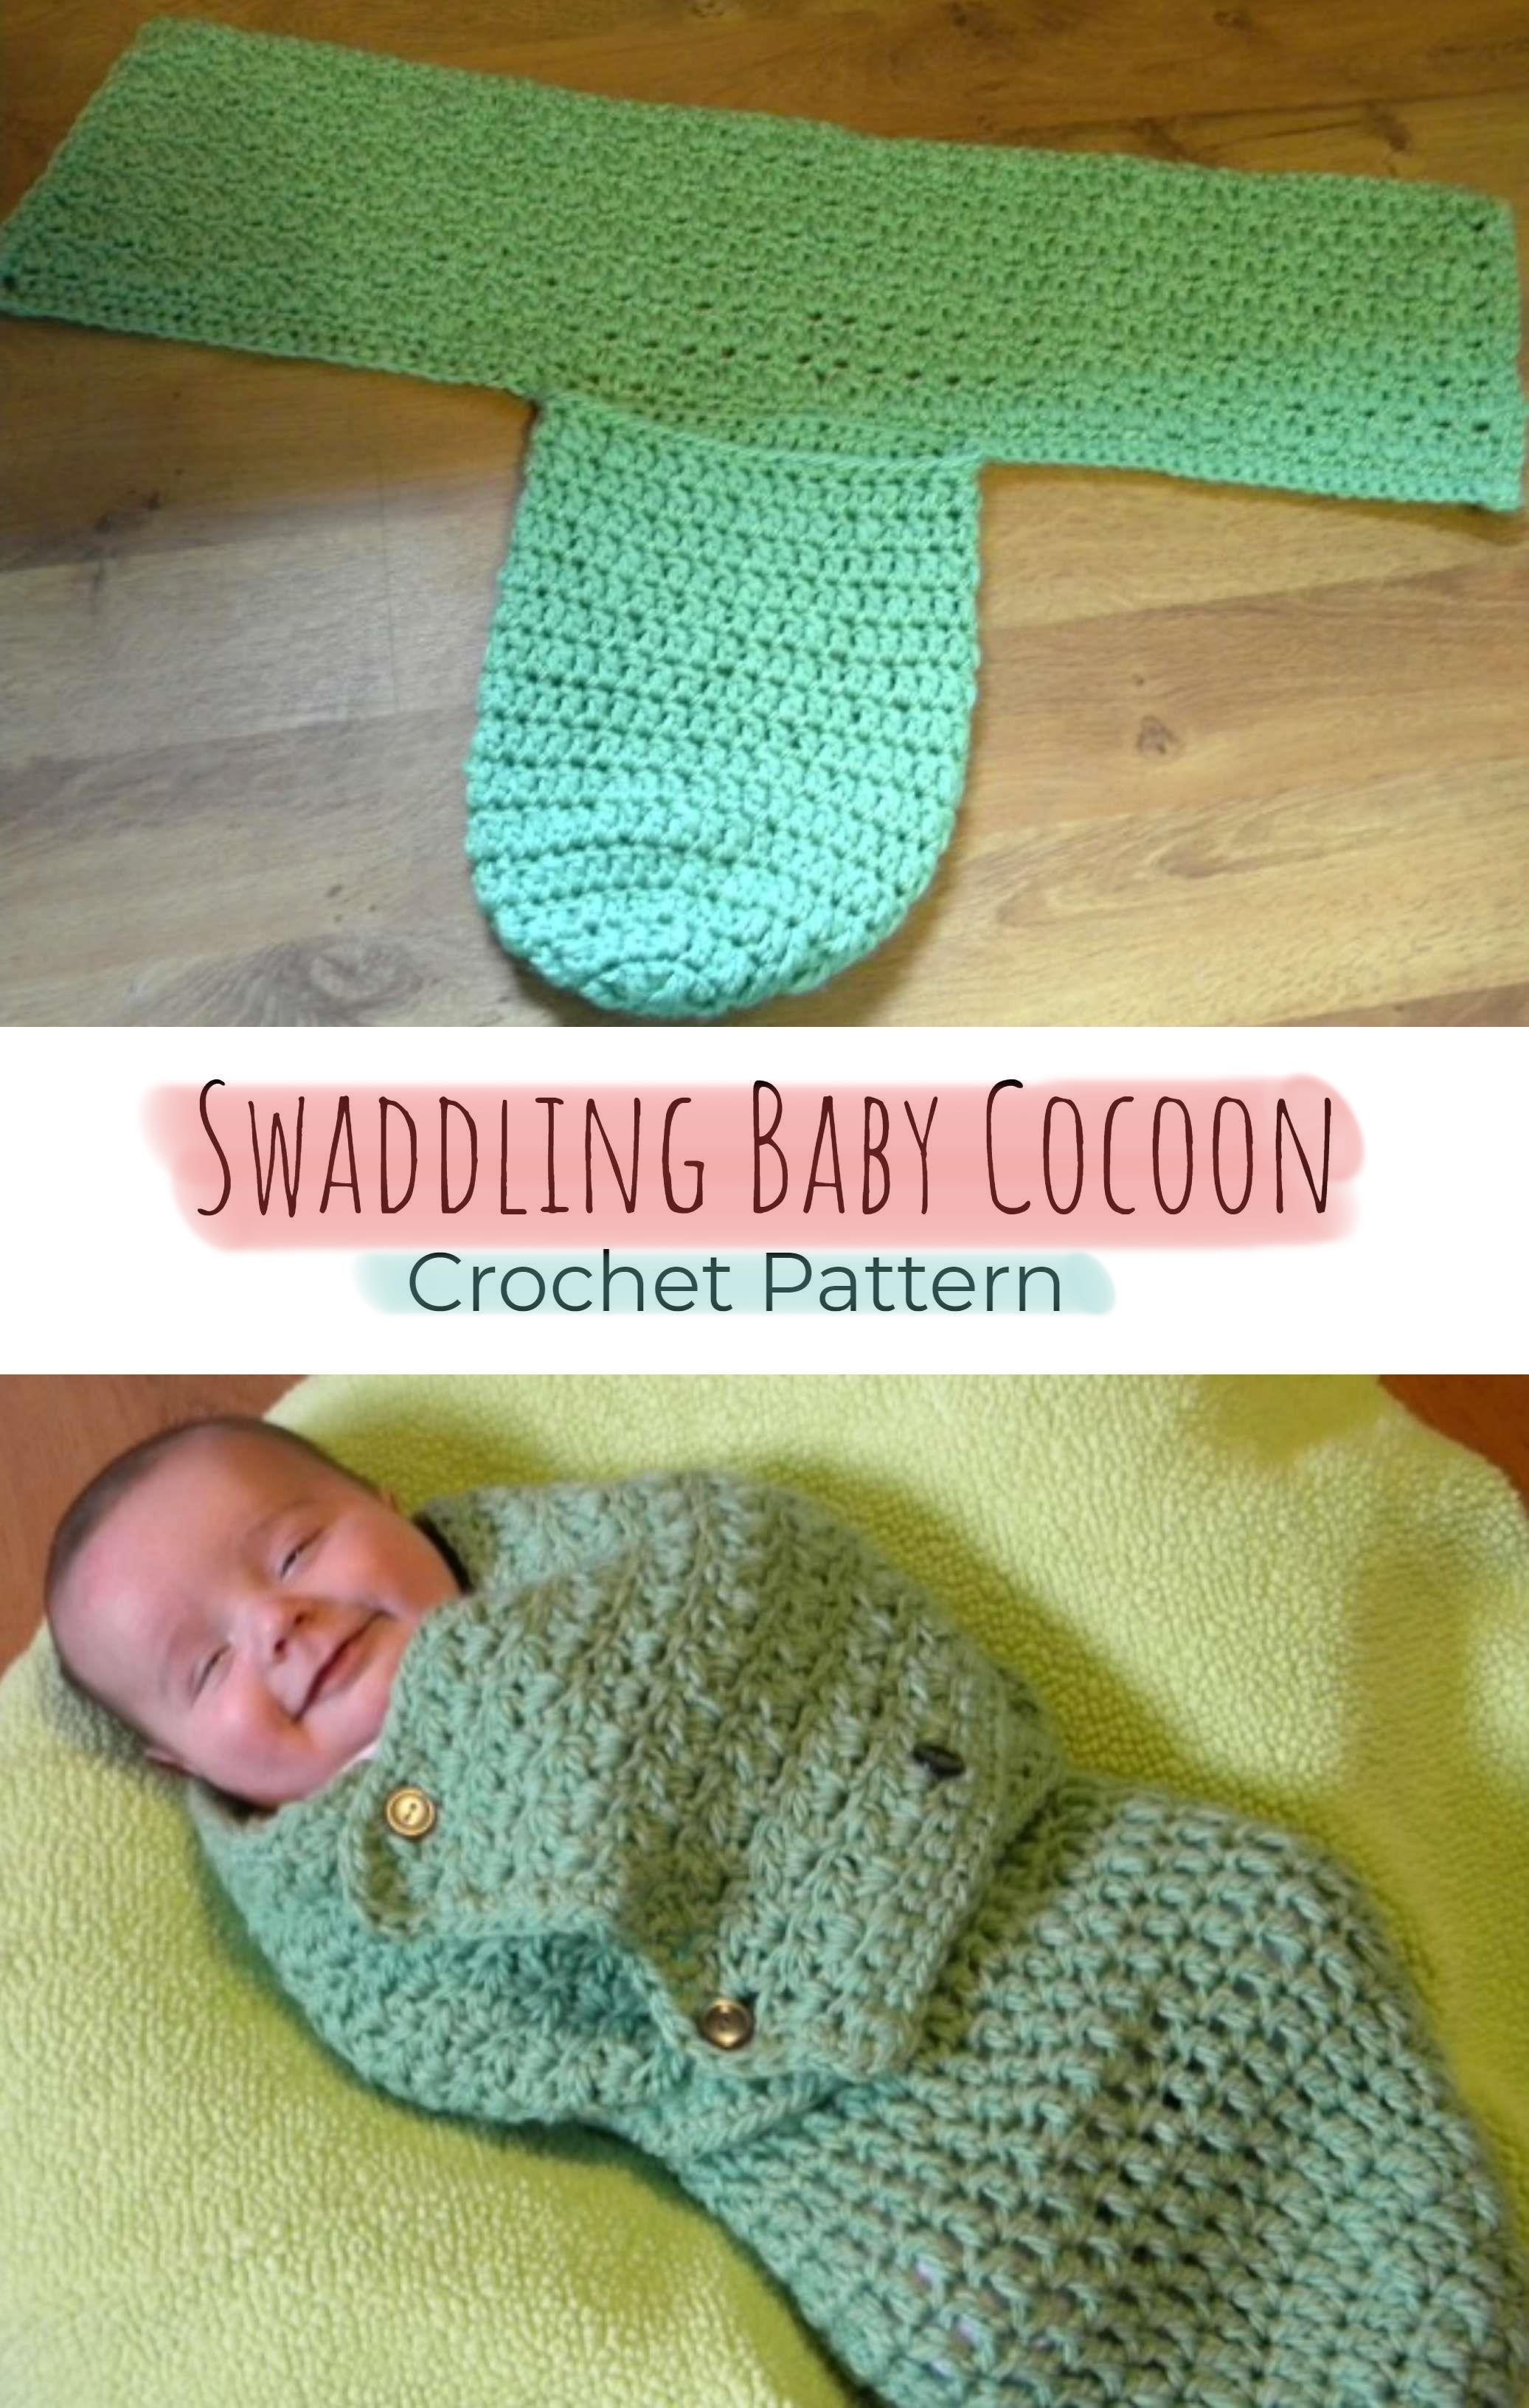 Crochet Swaddling Baby Cocoon #crochetbabycocoon